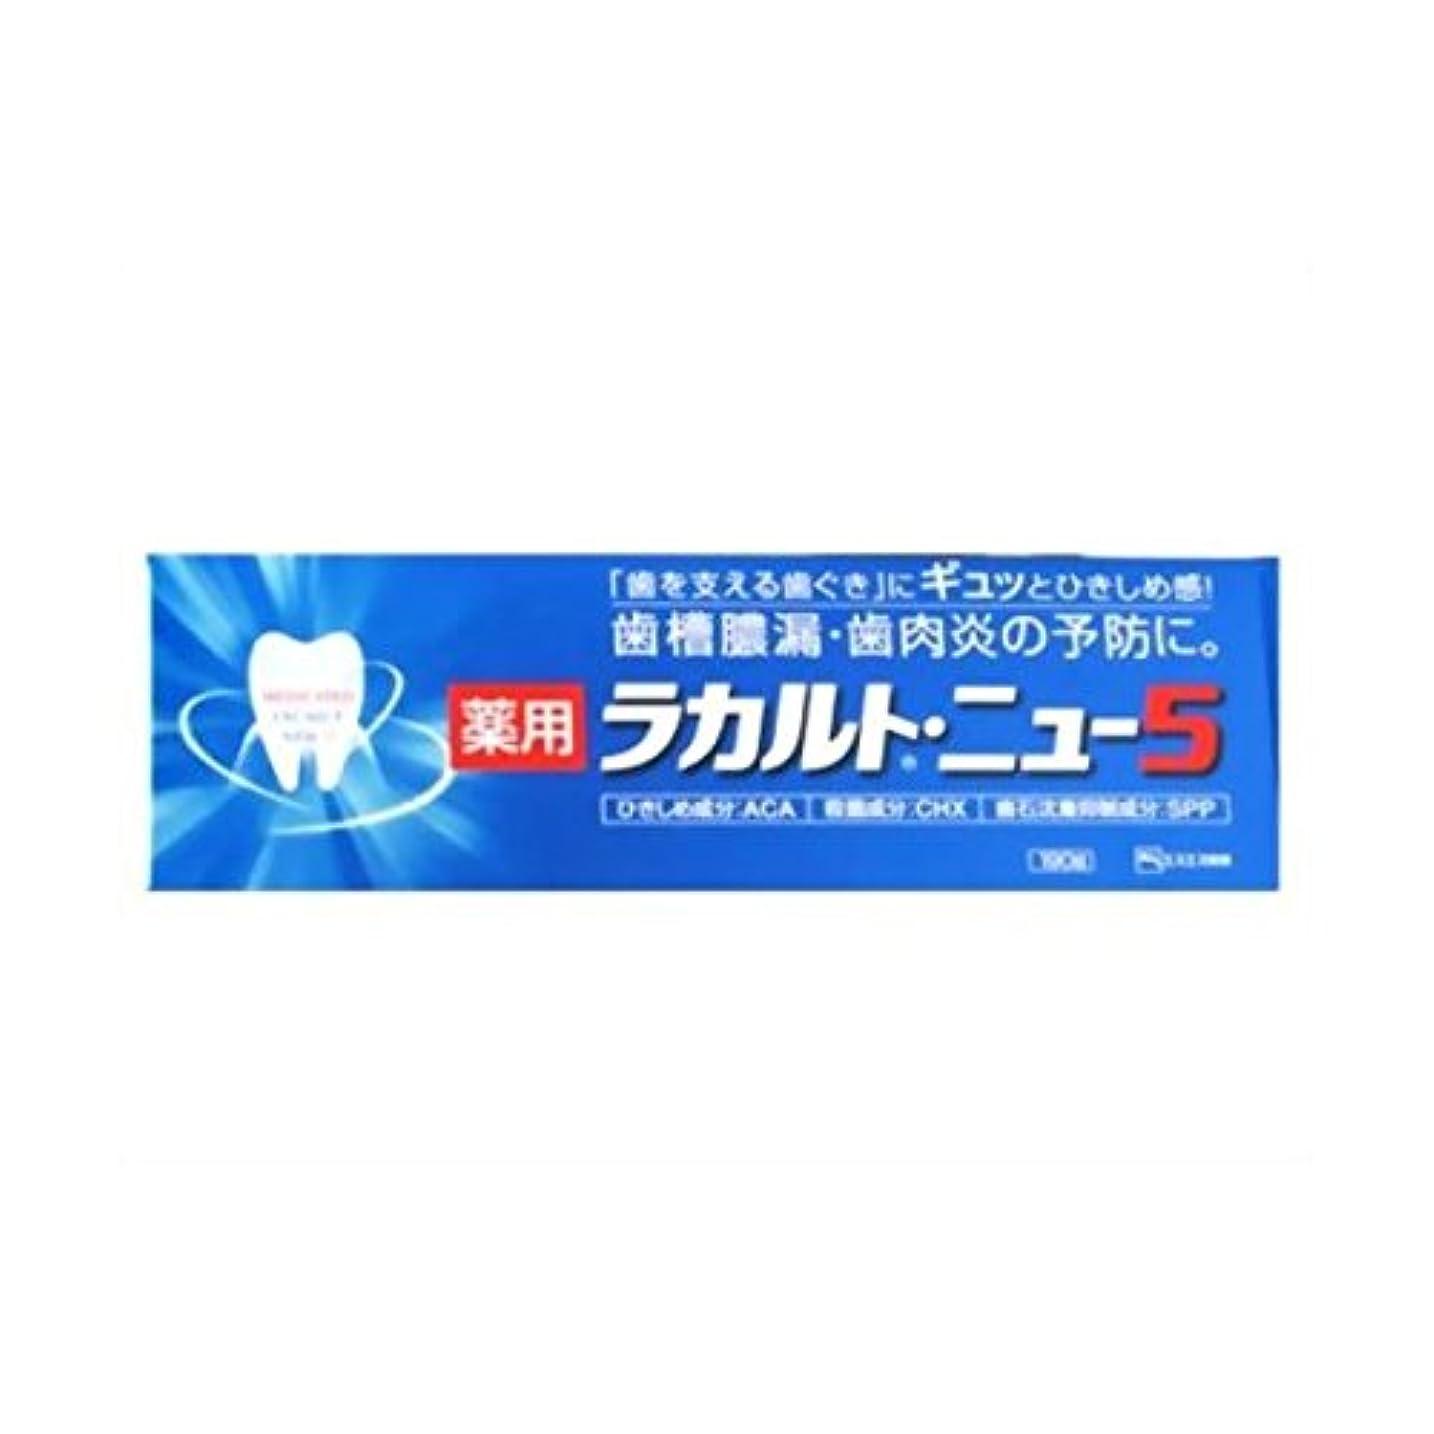 気性モールス信号キャンベラ【お徳用 3 セット】 薬用ラカルトニュー5 190g×3セット